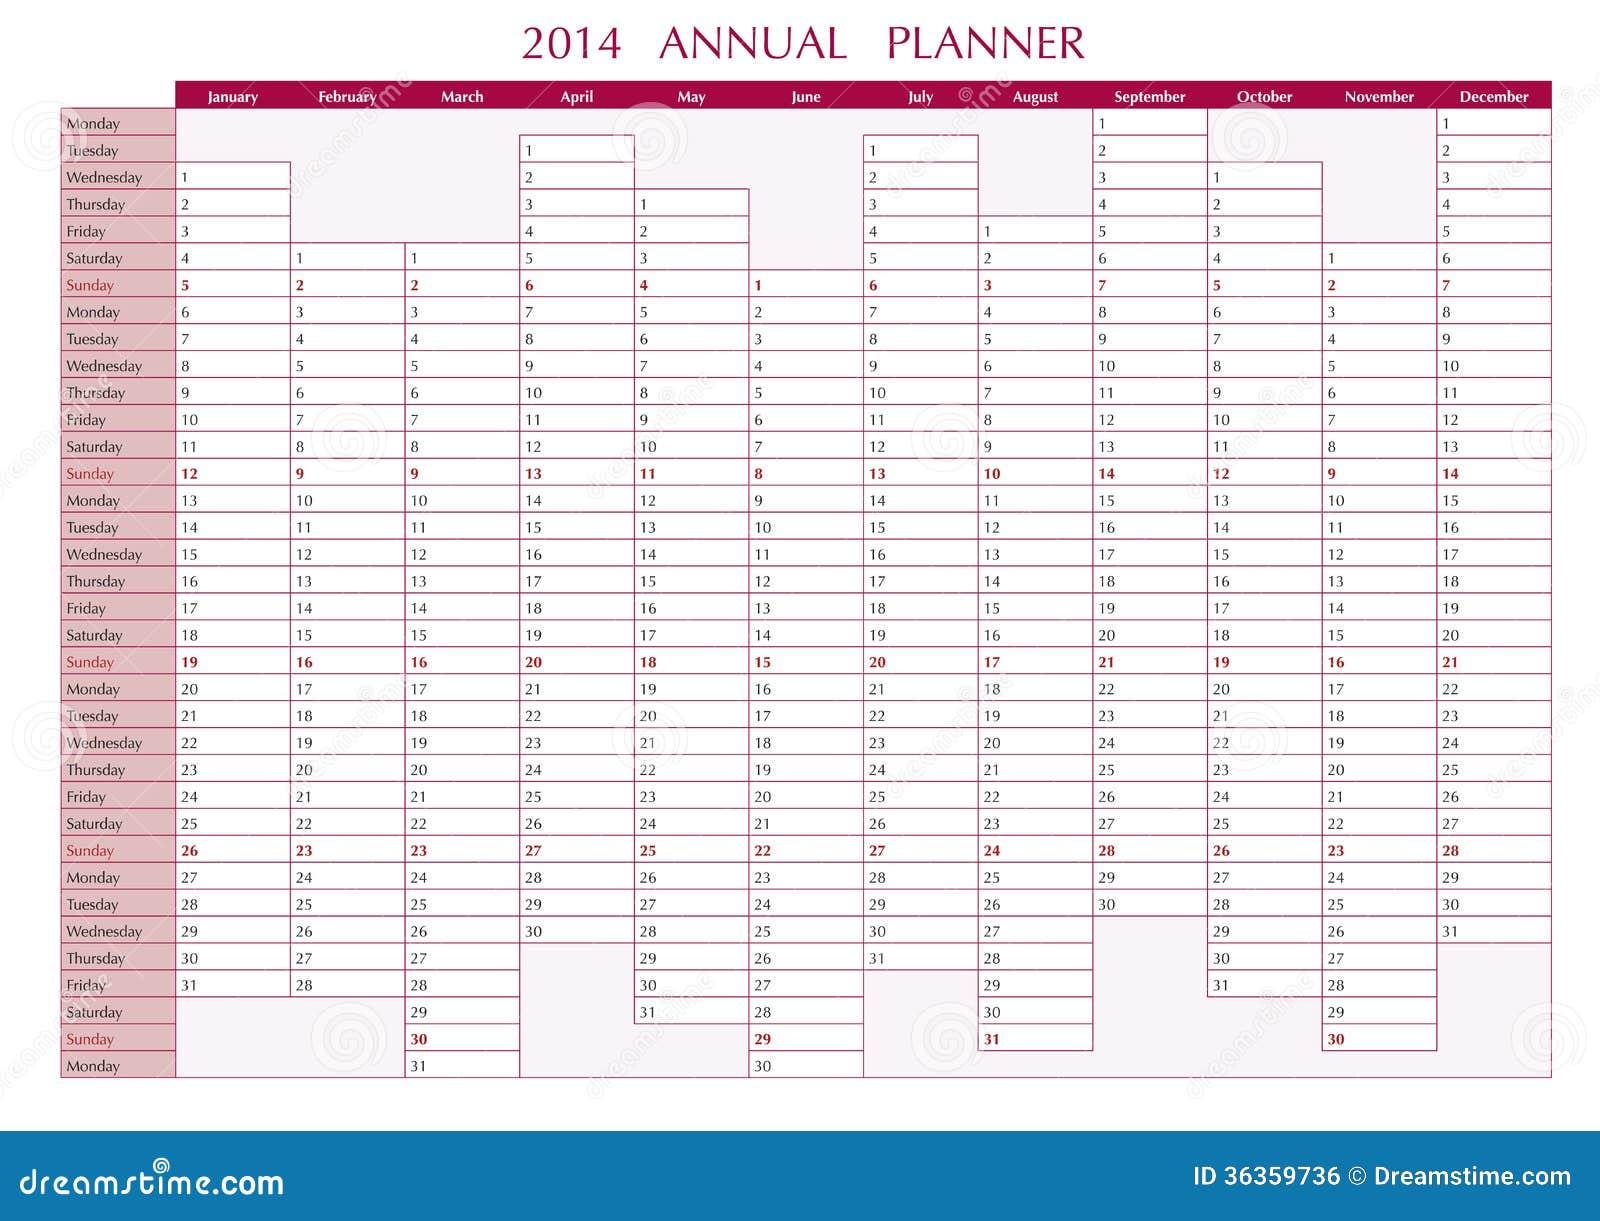 Único Planificador Plantilla 2014 Imagen - Ejemplo De Colección De ...